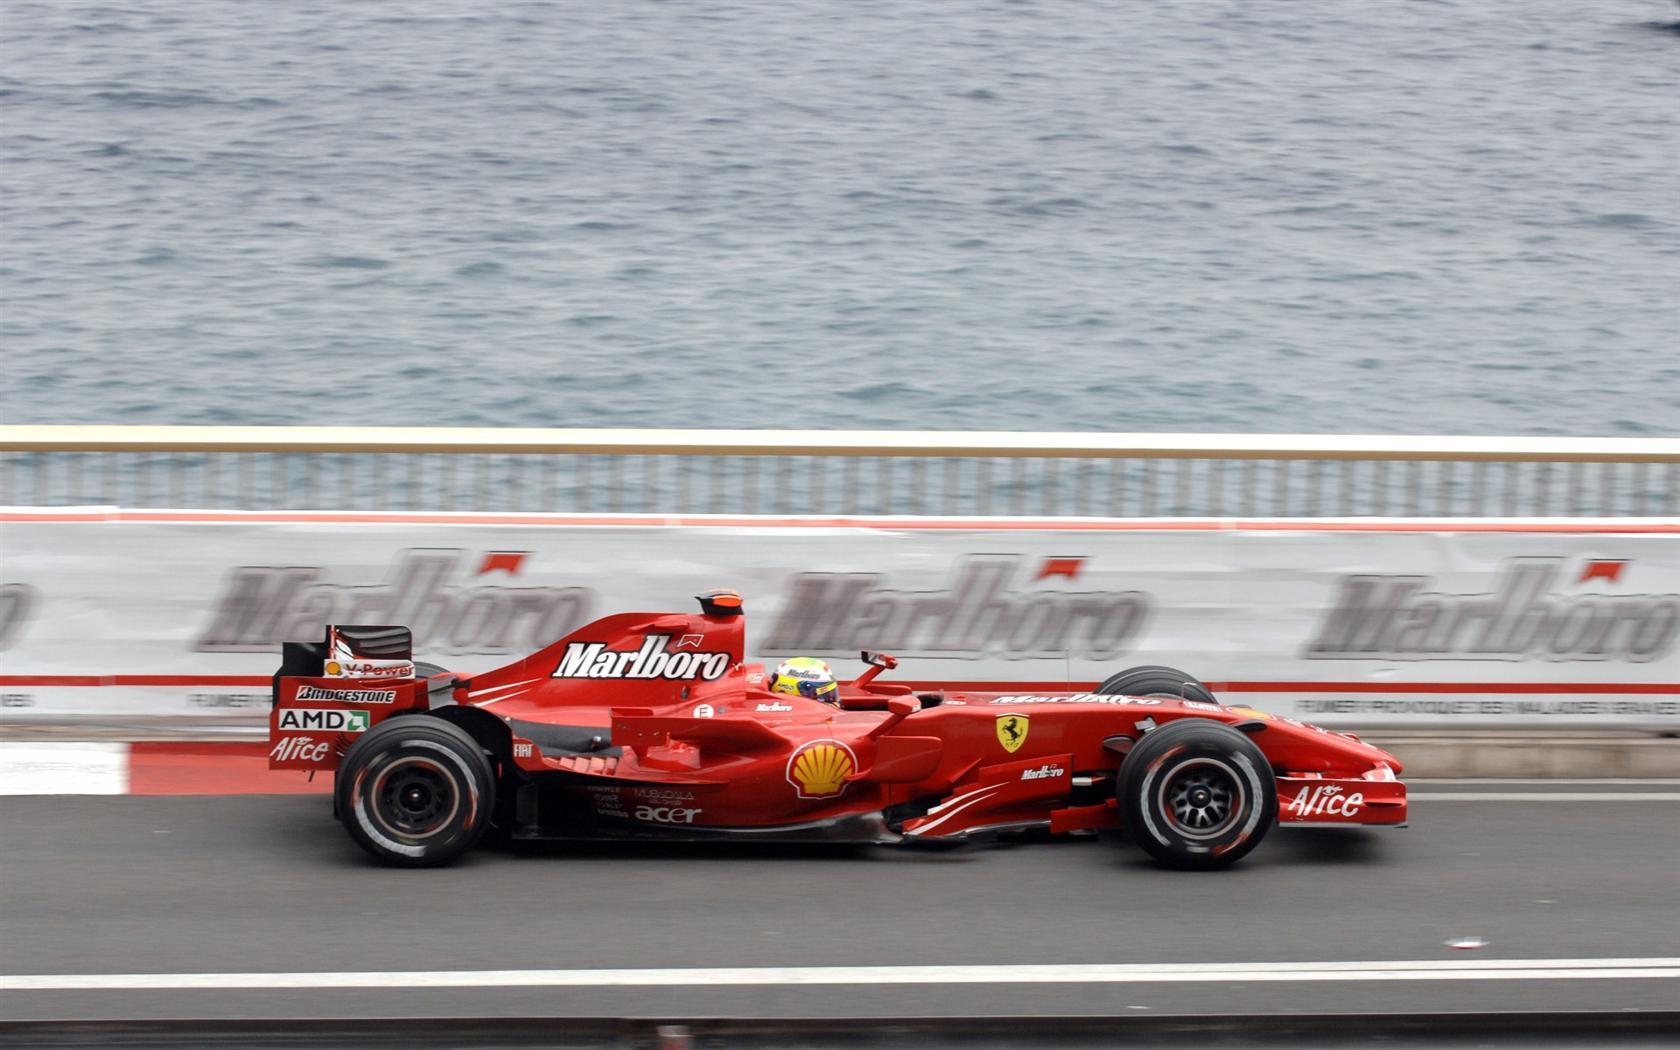 2007 Ferrari F2007 Image